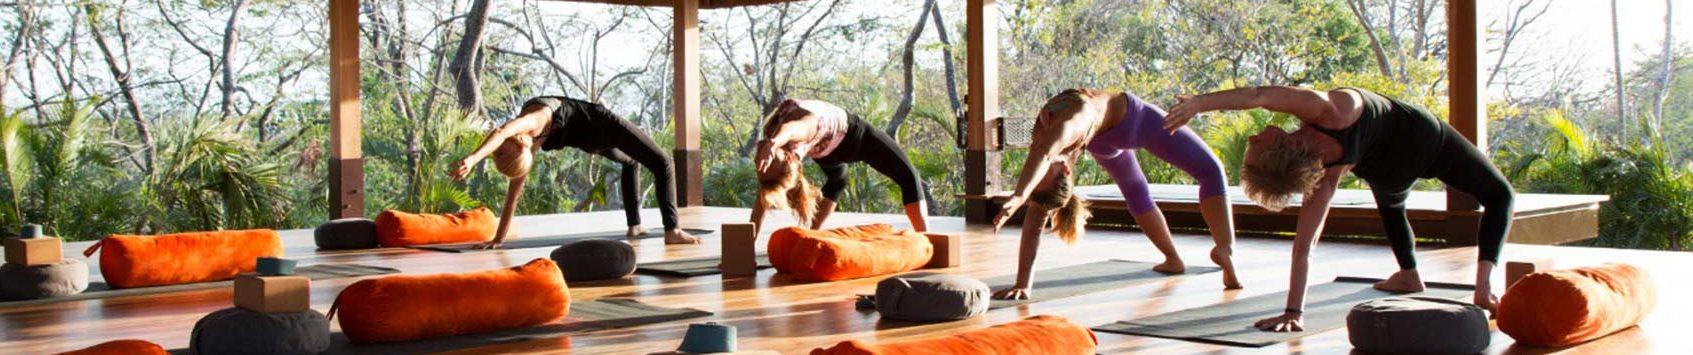 Le Bodhi Yoga Kit - image